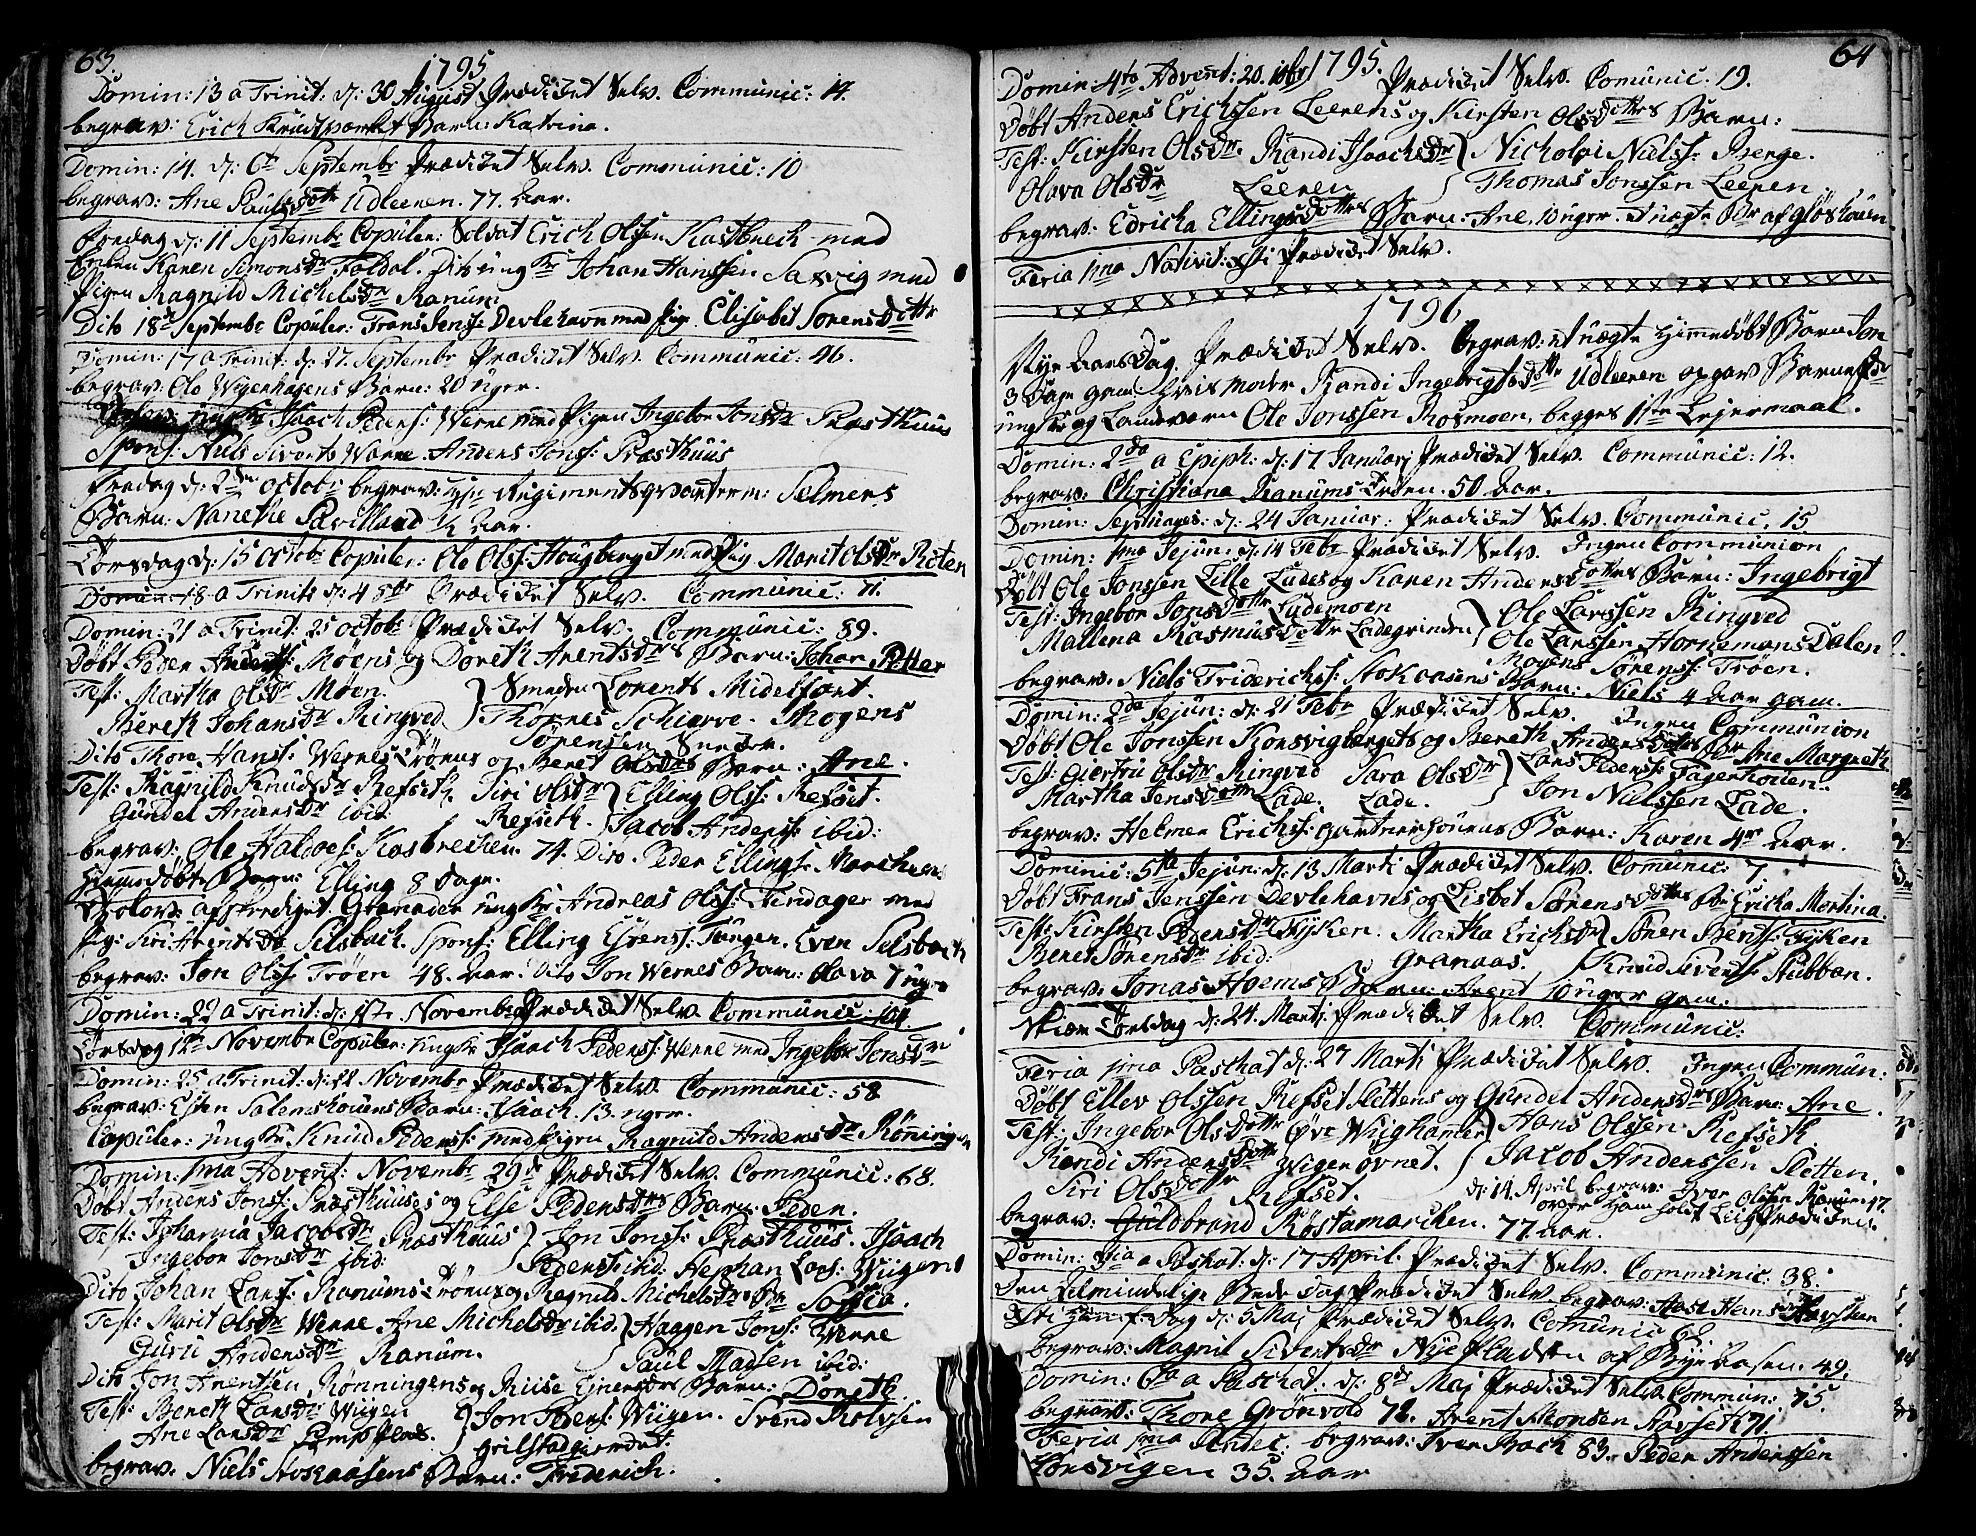 SAT, Ministerialprotokoller, klokkerbøker og fødselsregistre - Sør-Trøndelag, 606/L0280: Ministerialbok nr. 606A02 /1, 1781-1817, s. 63-64